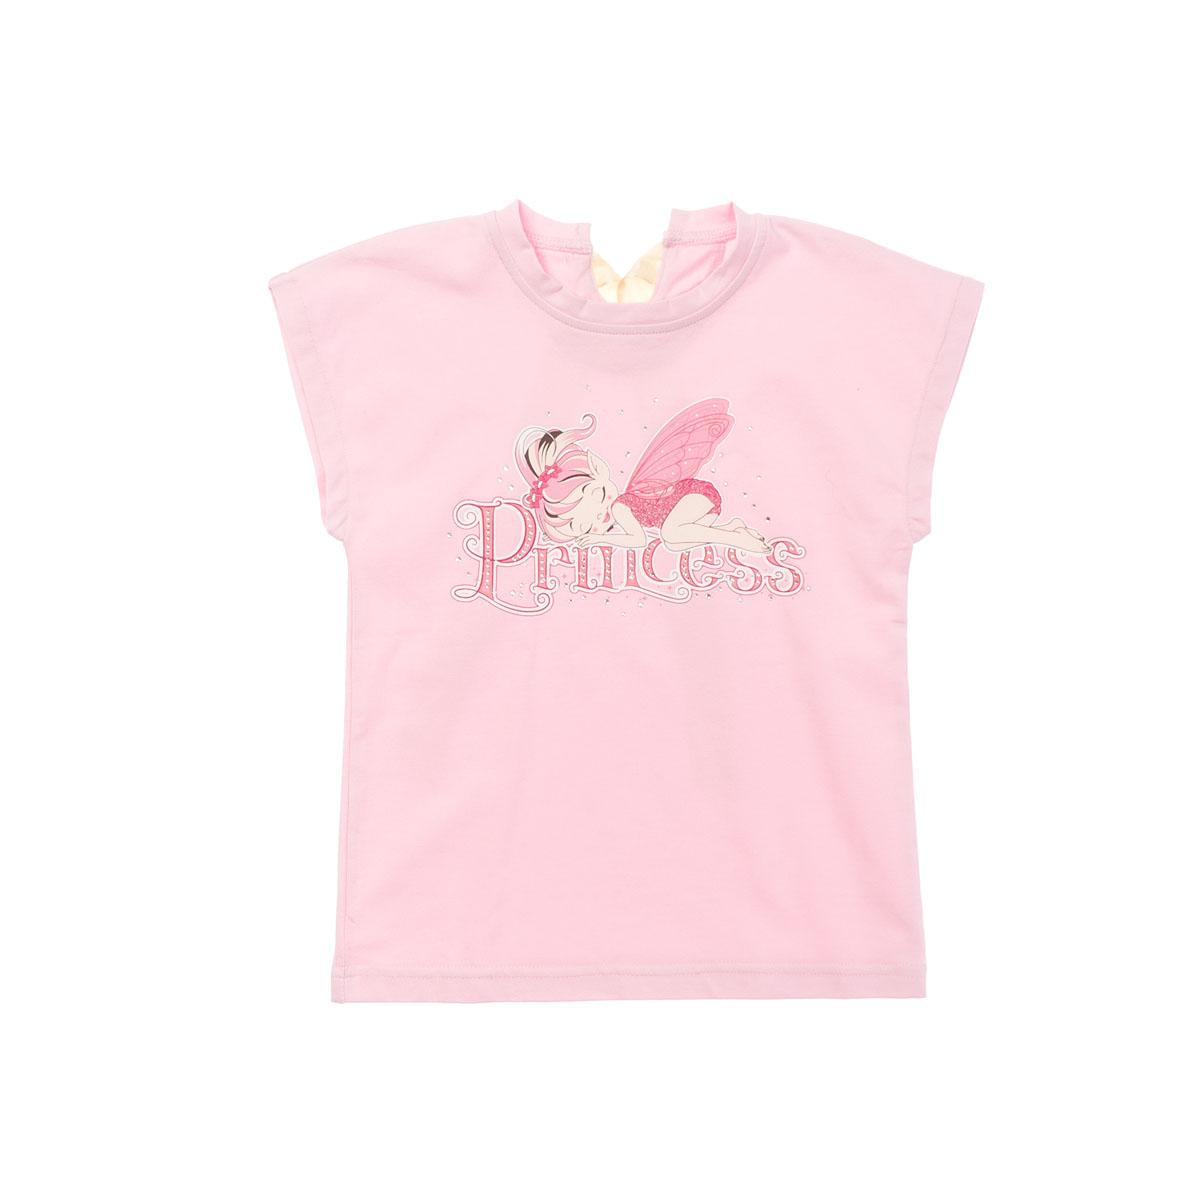 Футболка для девочек. 262014262014Мягкая хлопковая футболка клубнично-розового цвета. Украшена резиновым принтом с феей, глиттером и стразами.